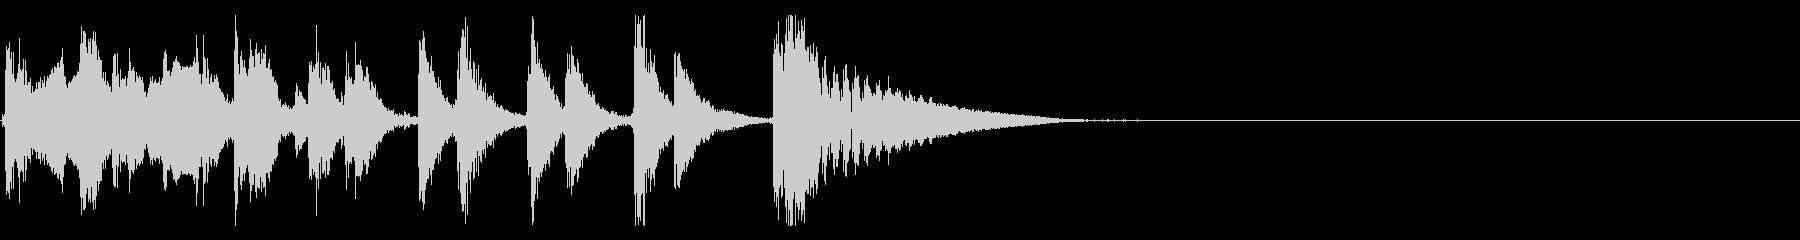 和風 三味線とやっとやっと掛け声 の未再生の波形